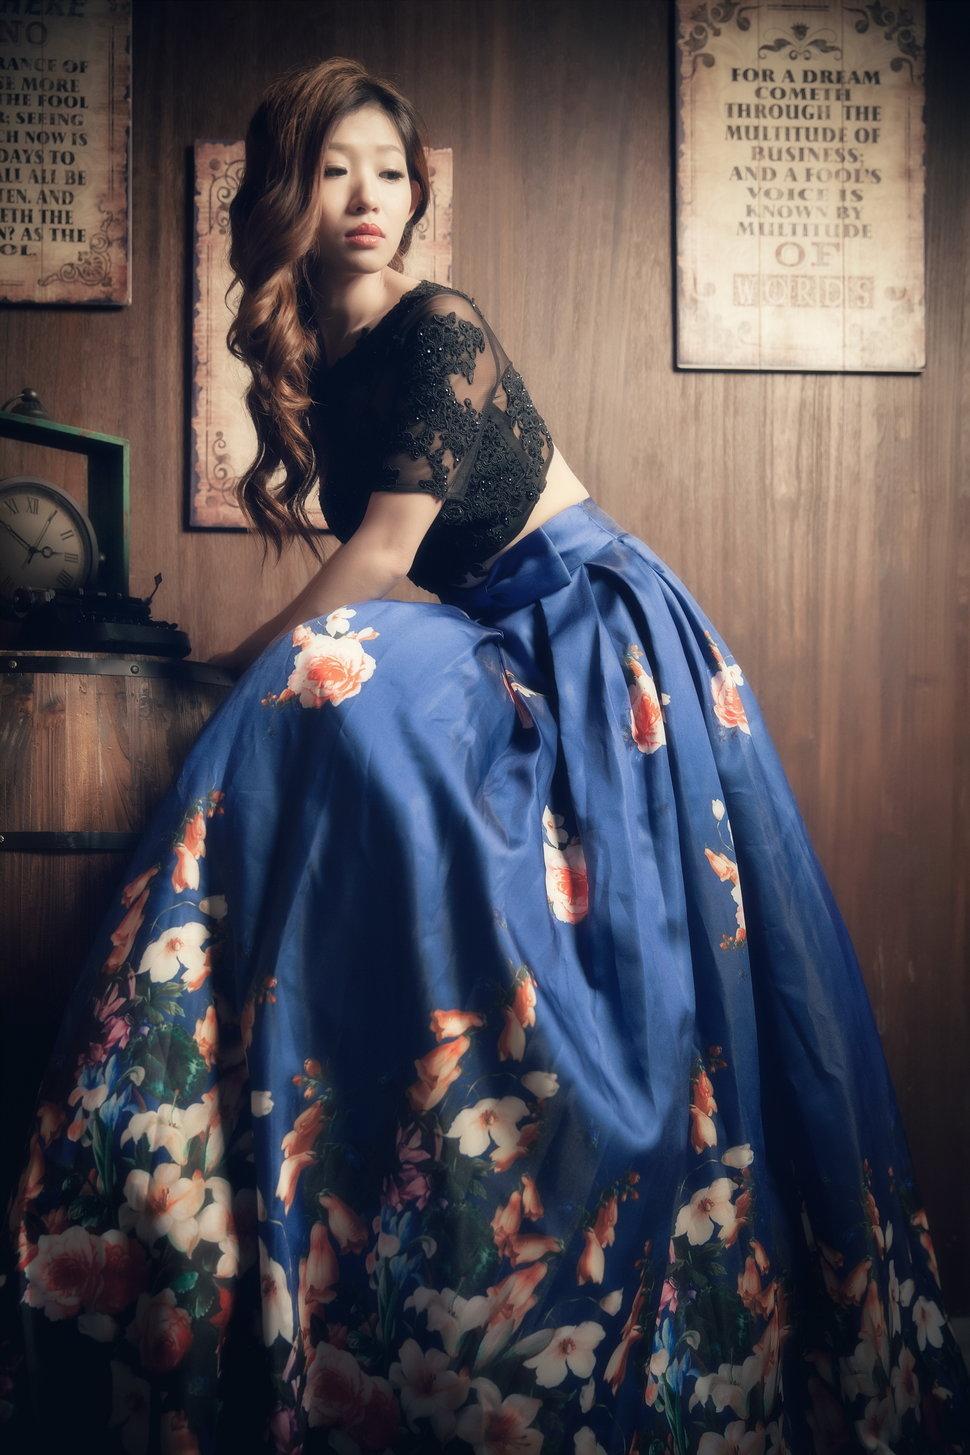 希臘婚禮 婚紗 攝影 手工婚紗禮服 超美(編號:377098) - 希臘婚禮  婚紗  攝影 - 結婚吧一站式婚禮服務平台